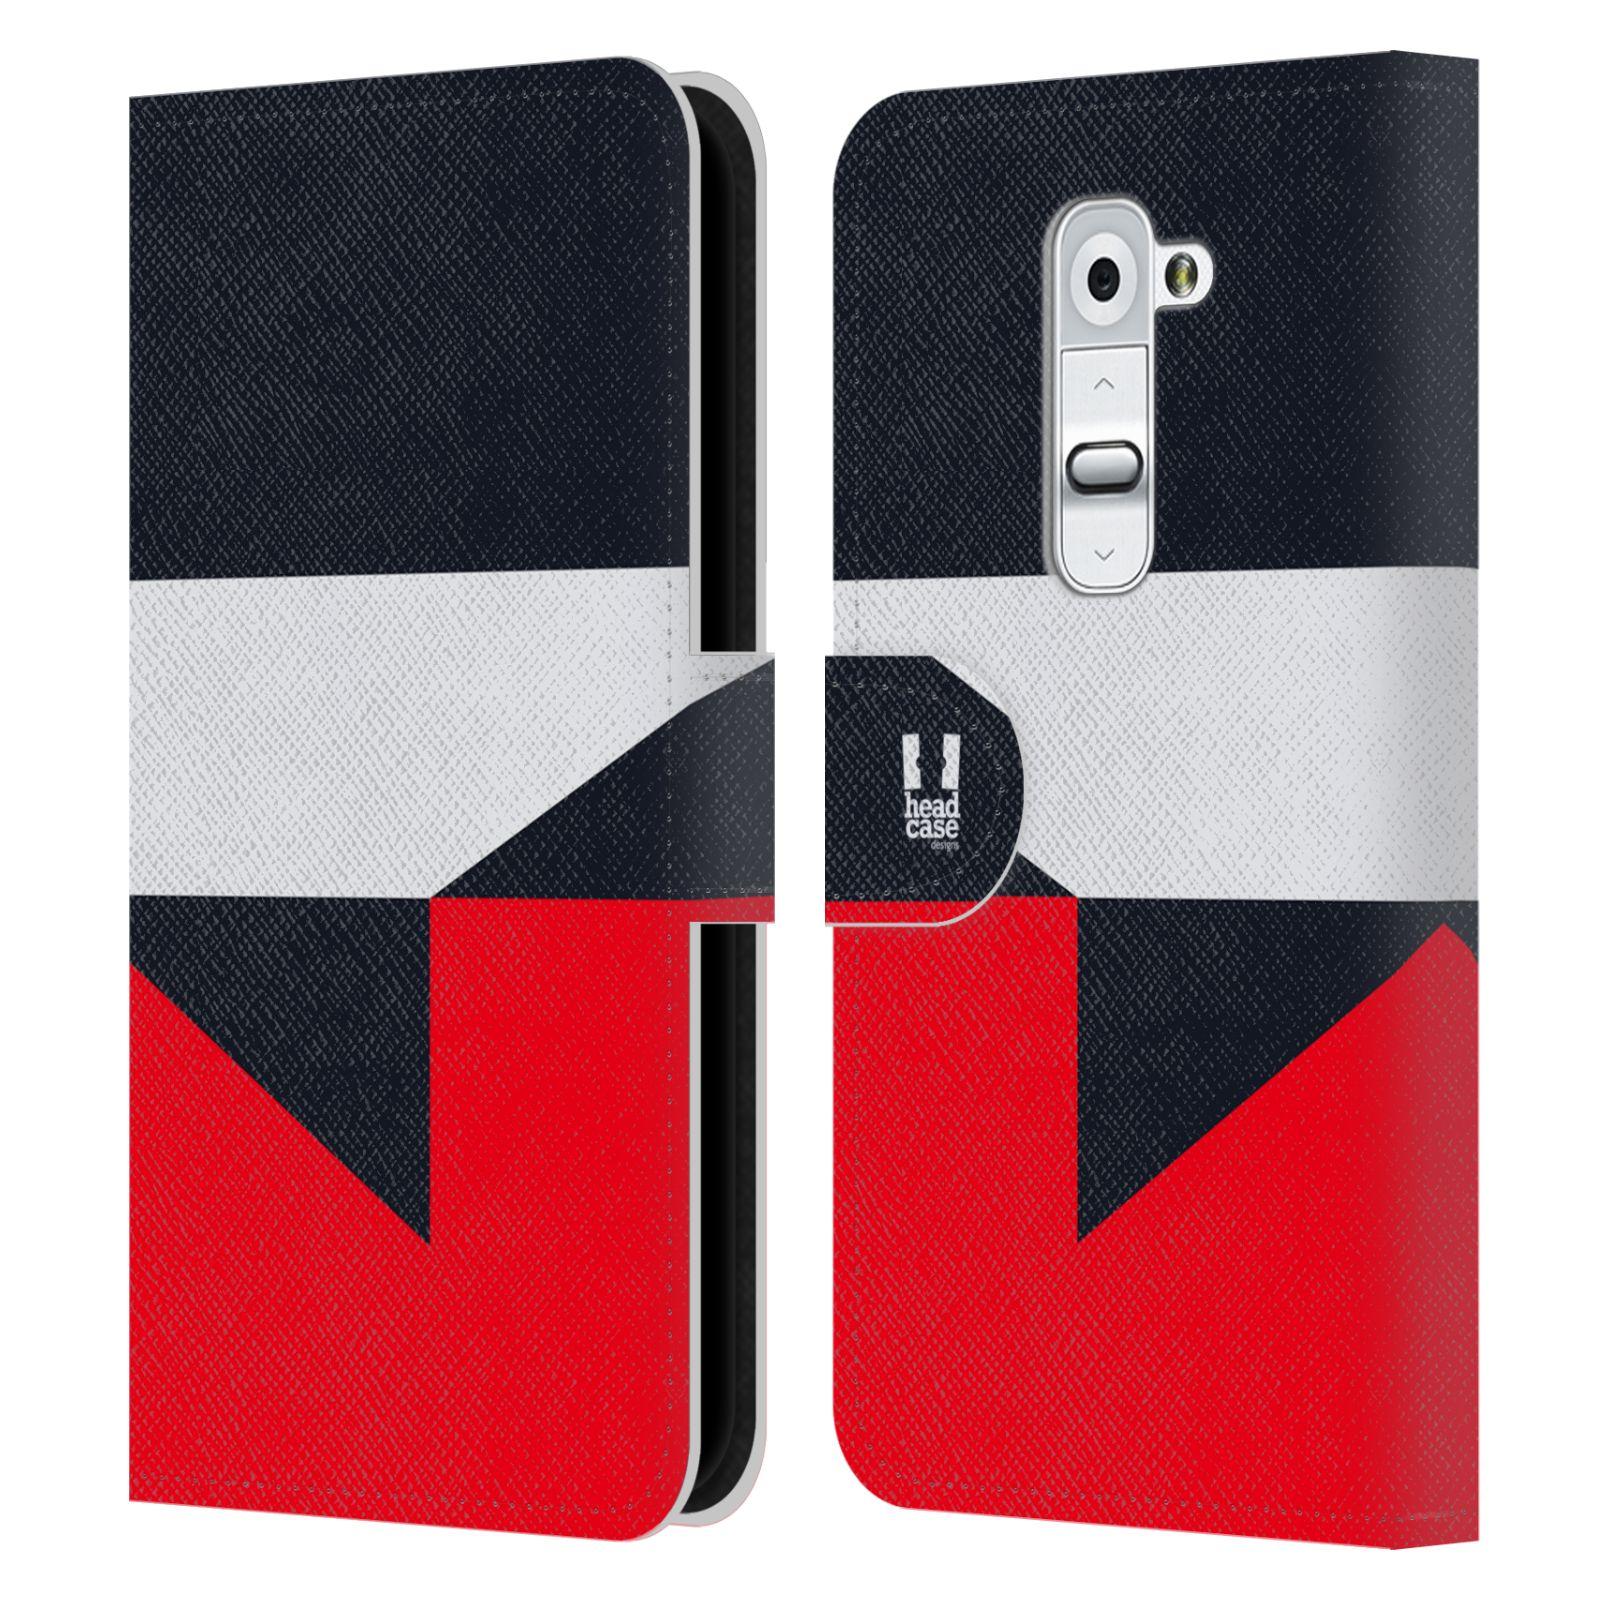 HEAD CASE Flipové pouzdro pro mobil LG G2 barevné tvary černá a červená gejša